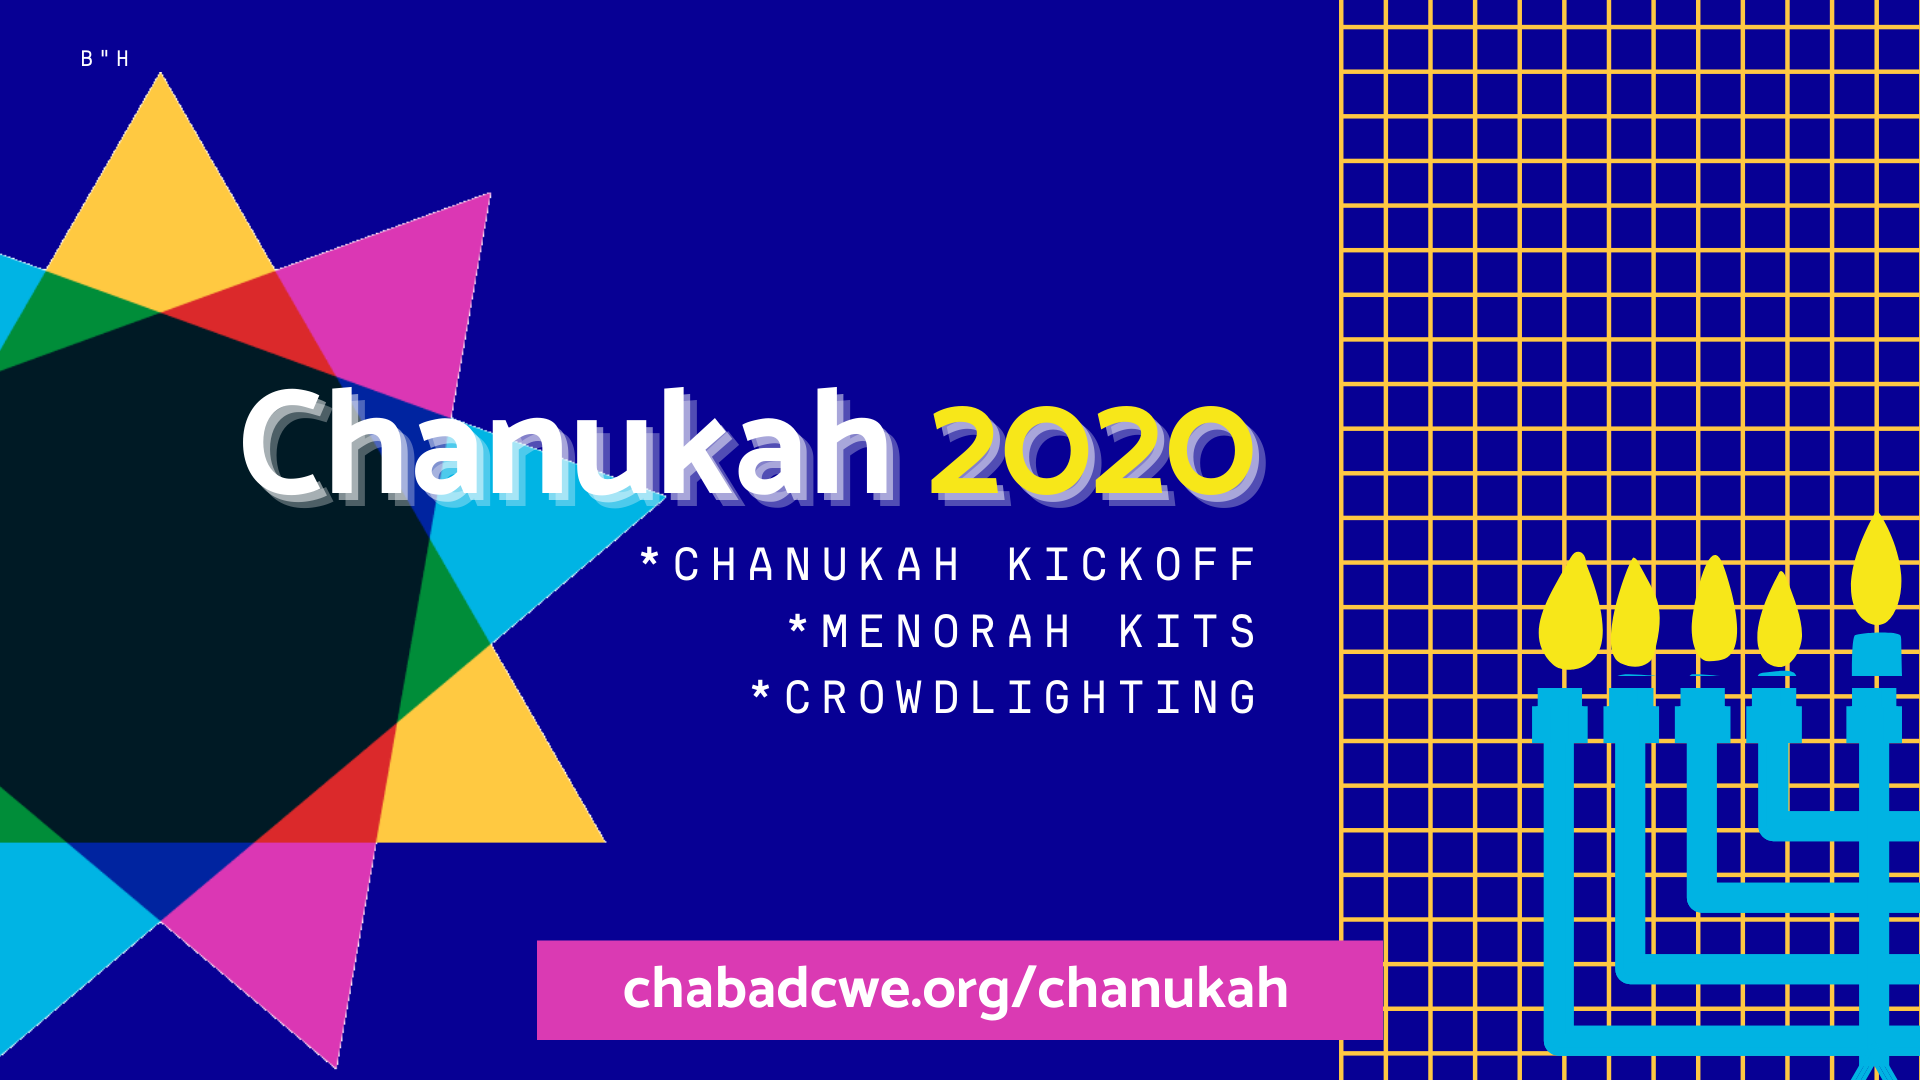 Chanukah 2020